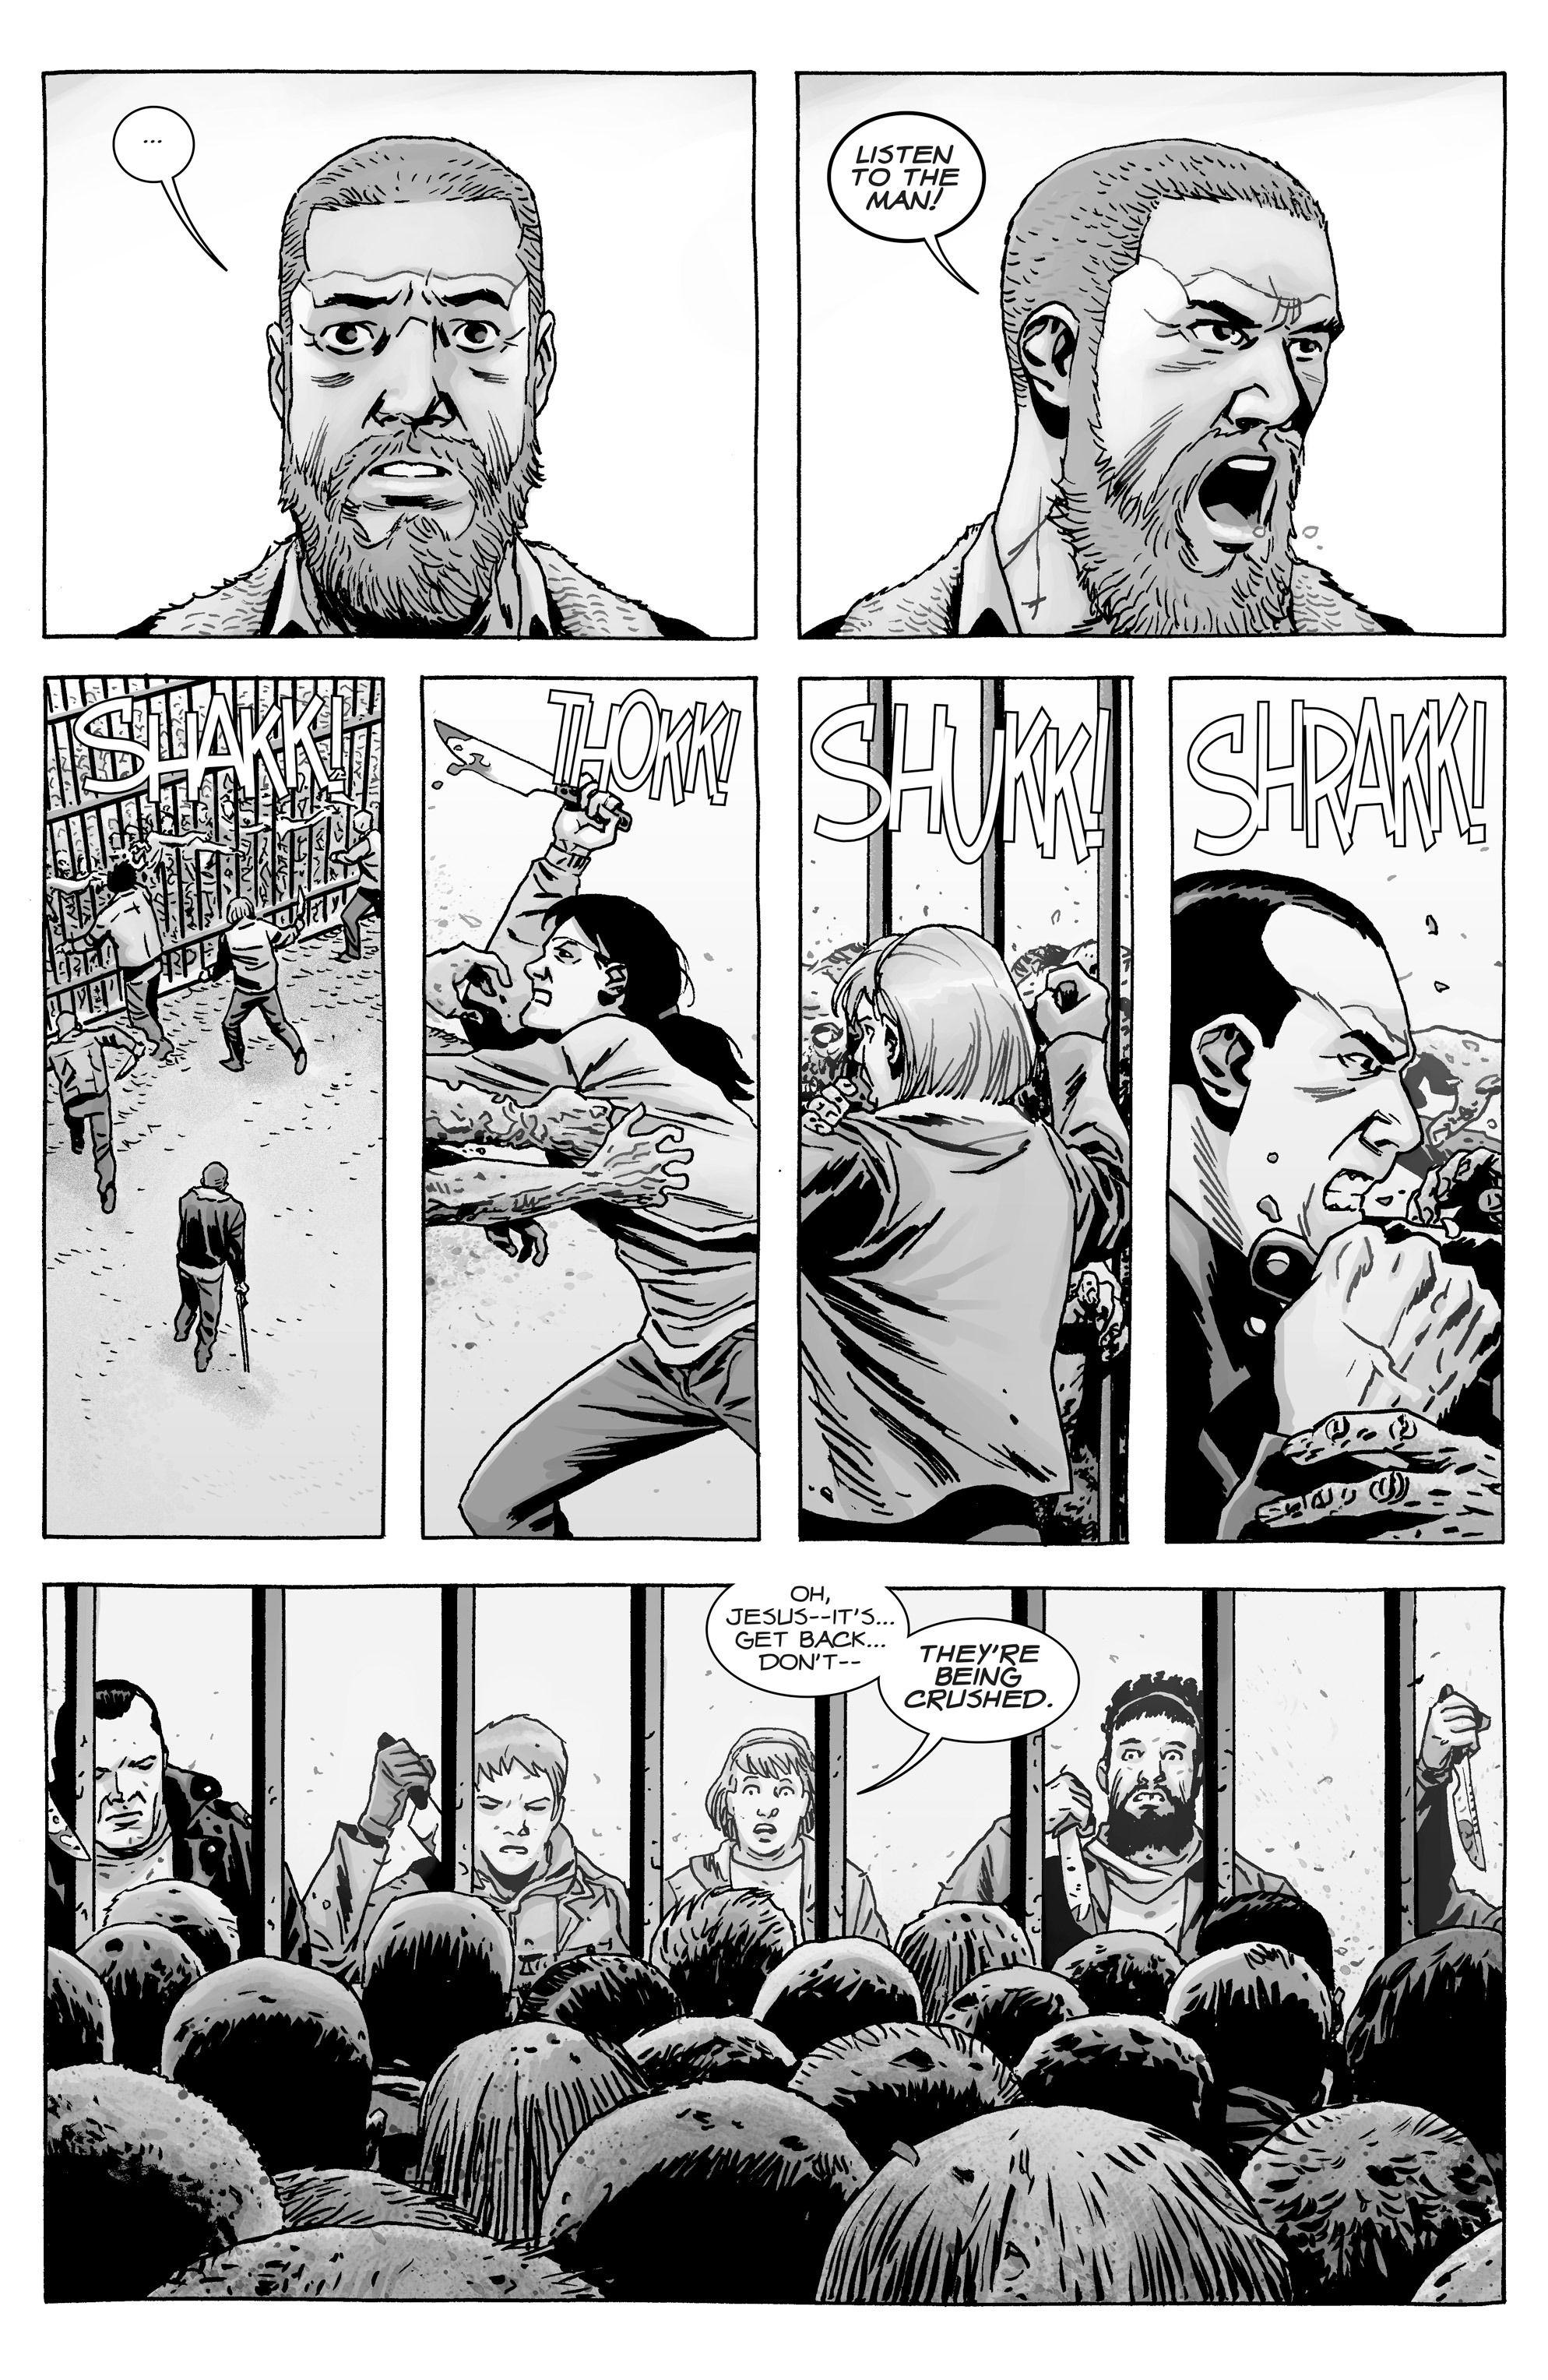 The Walking Dead Issue #163 - Read The Walking Dead Issue